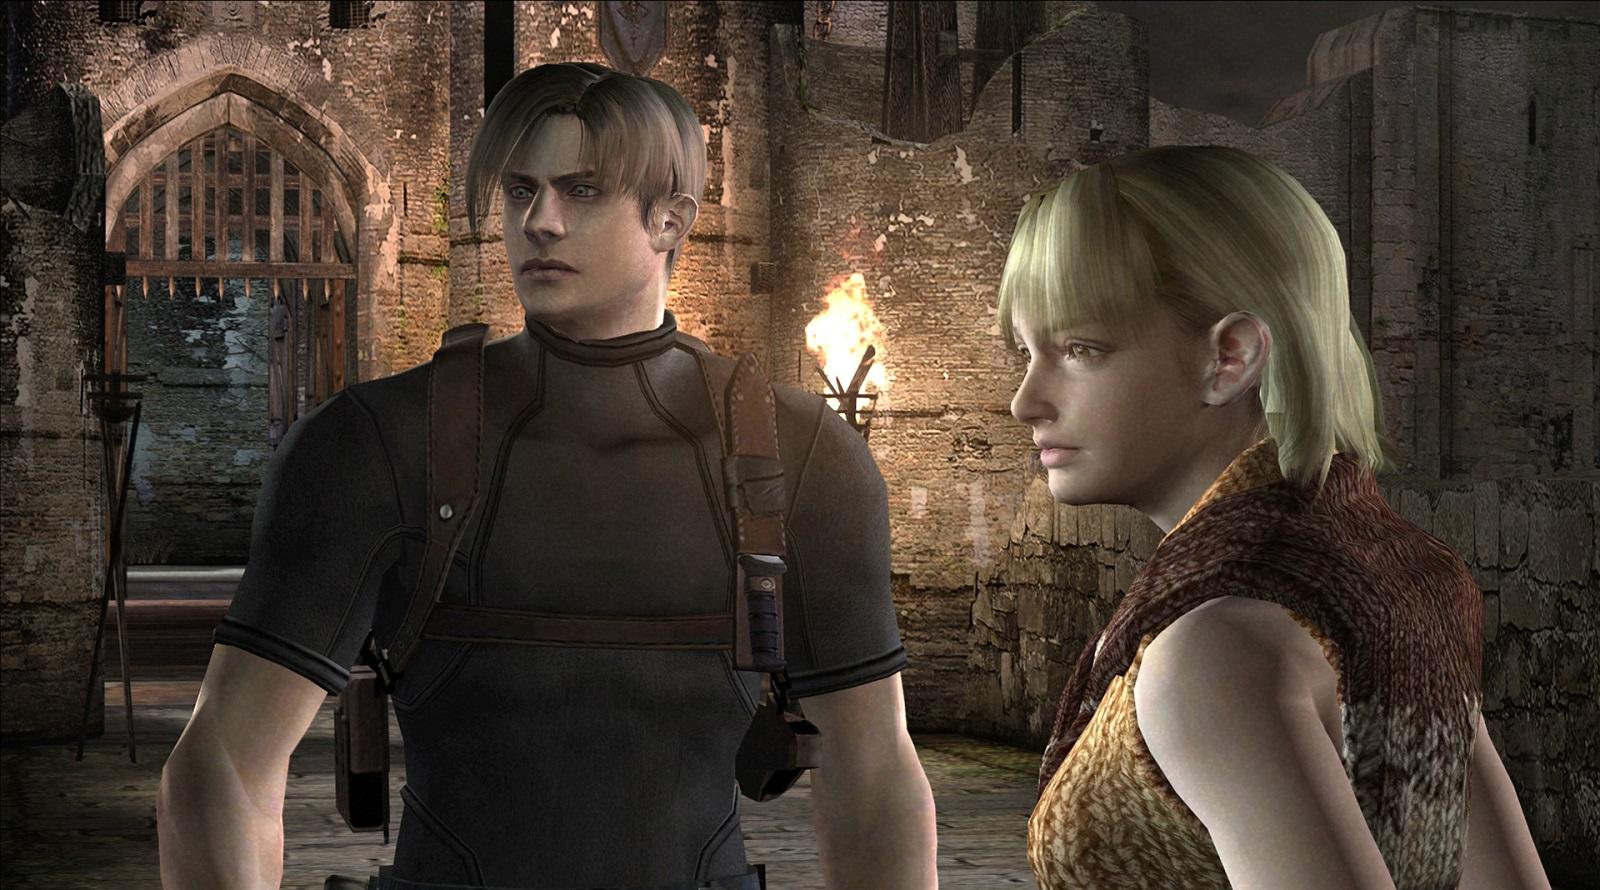 Слухи: Capcom частично перезапустила разработку ремейка Resident Evil 4 и отдала проект своей основной команде